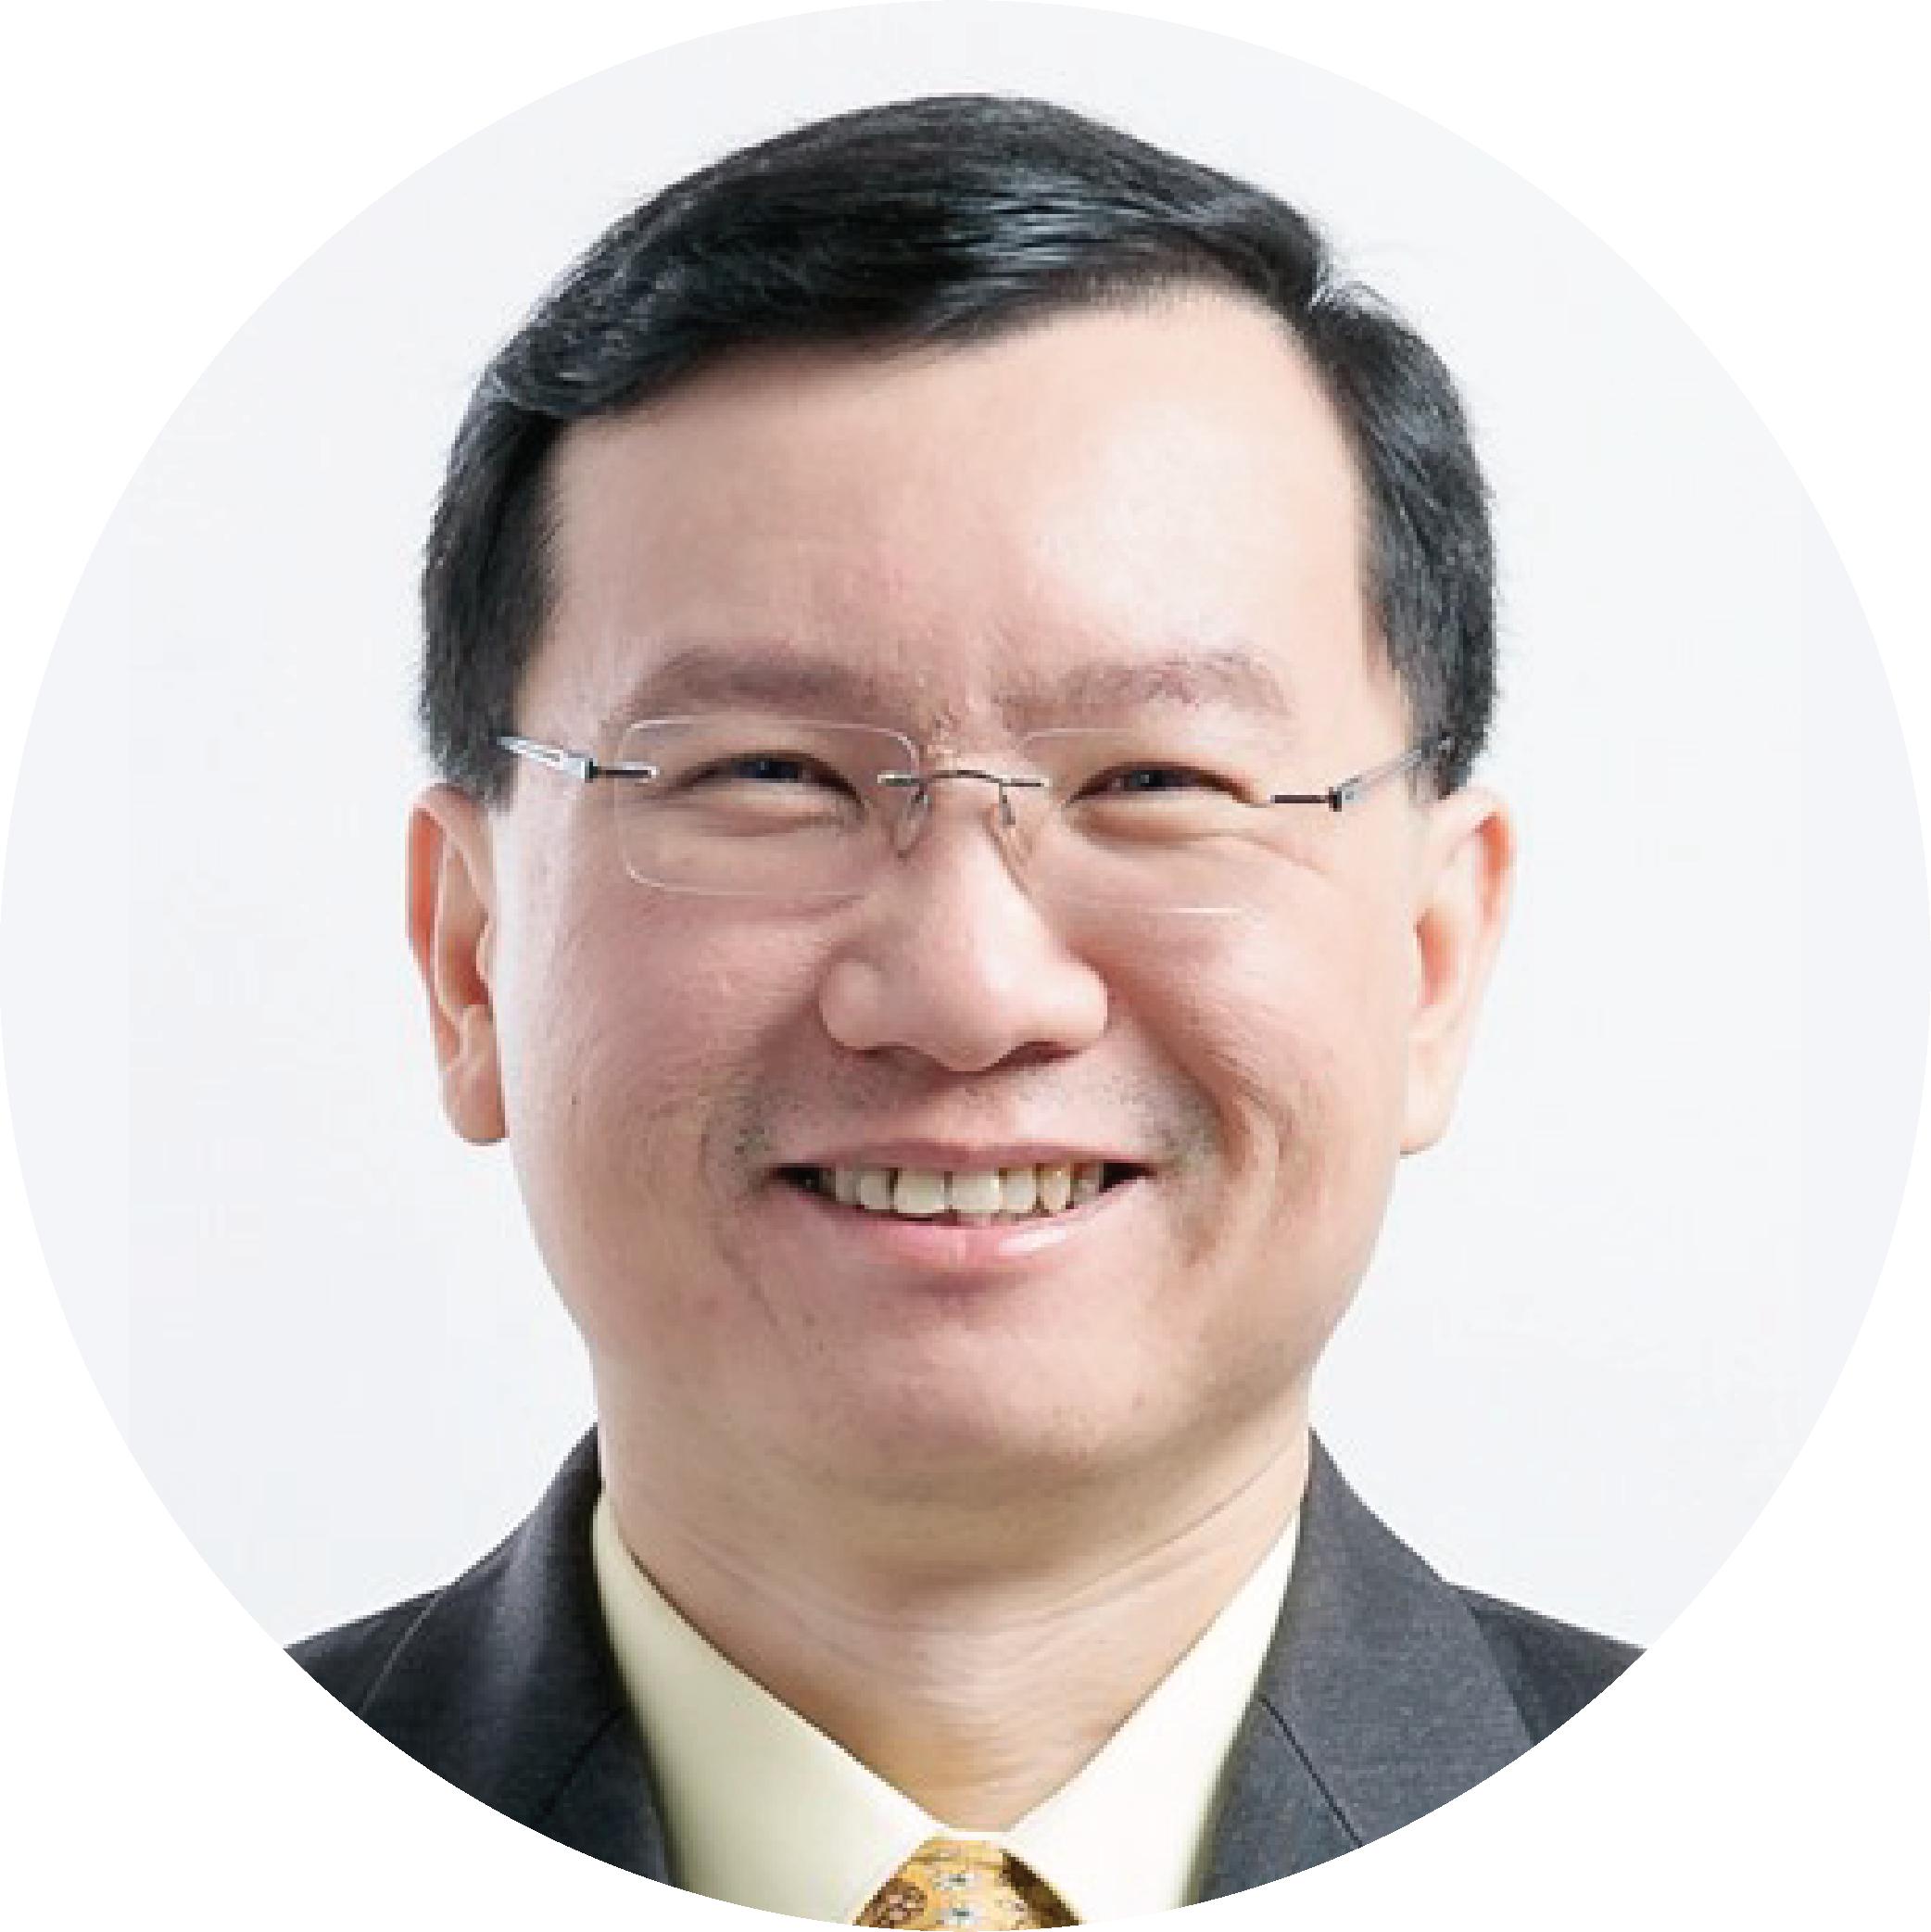 Mr Aylwin Tan